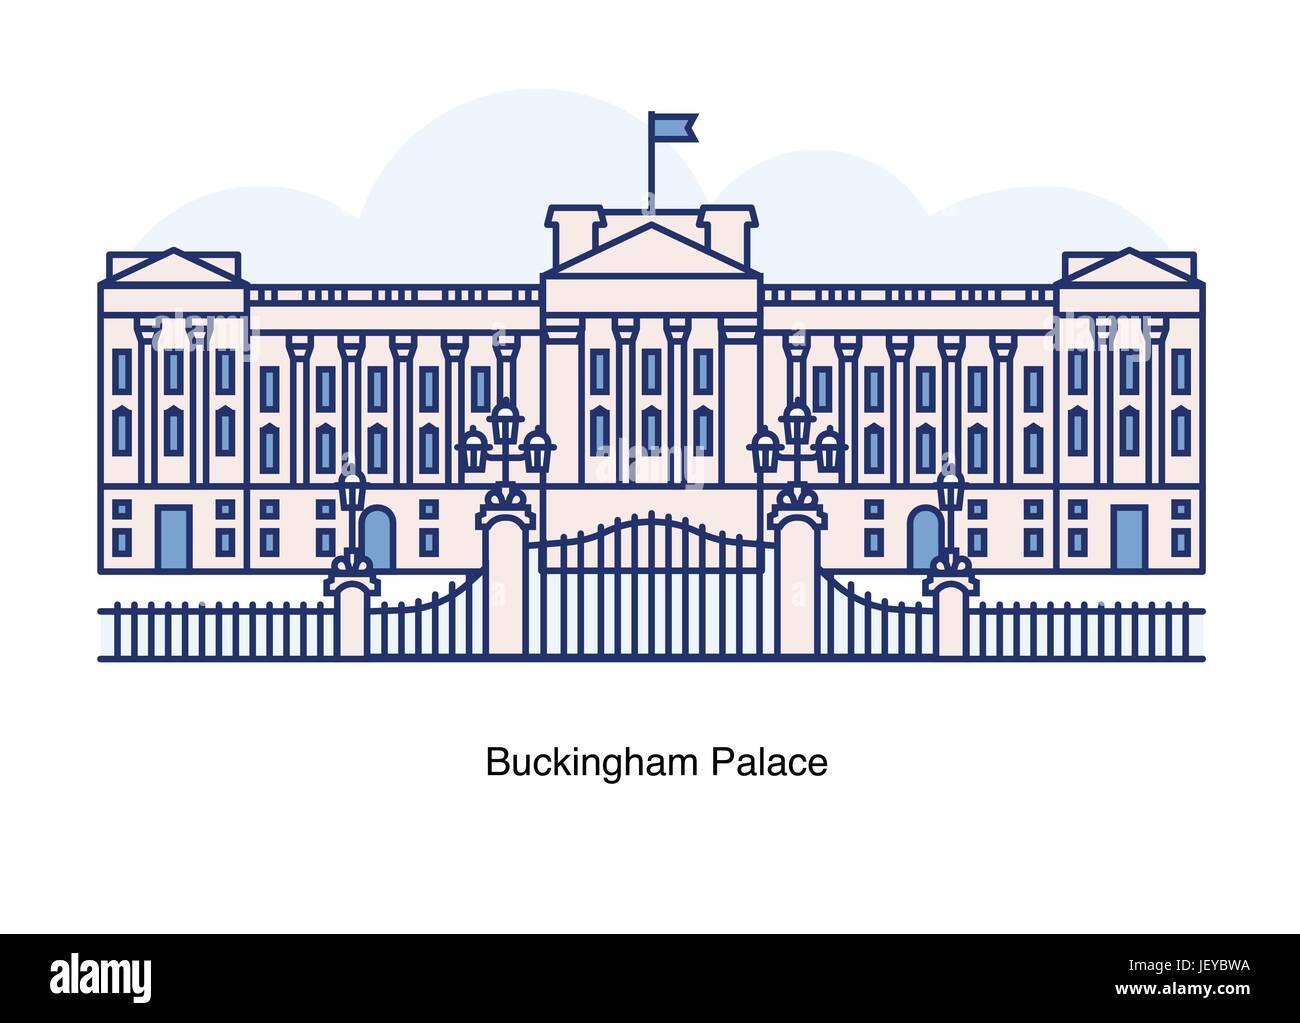 Картинки букингемского дворца для срисовки, спокойной ночи любимой